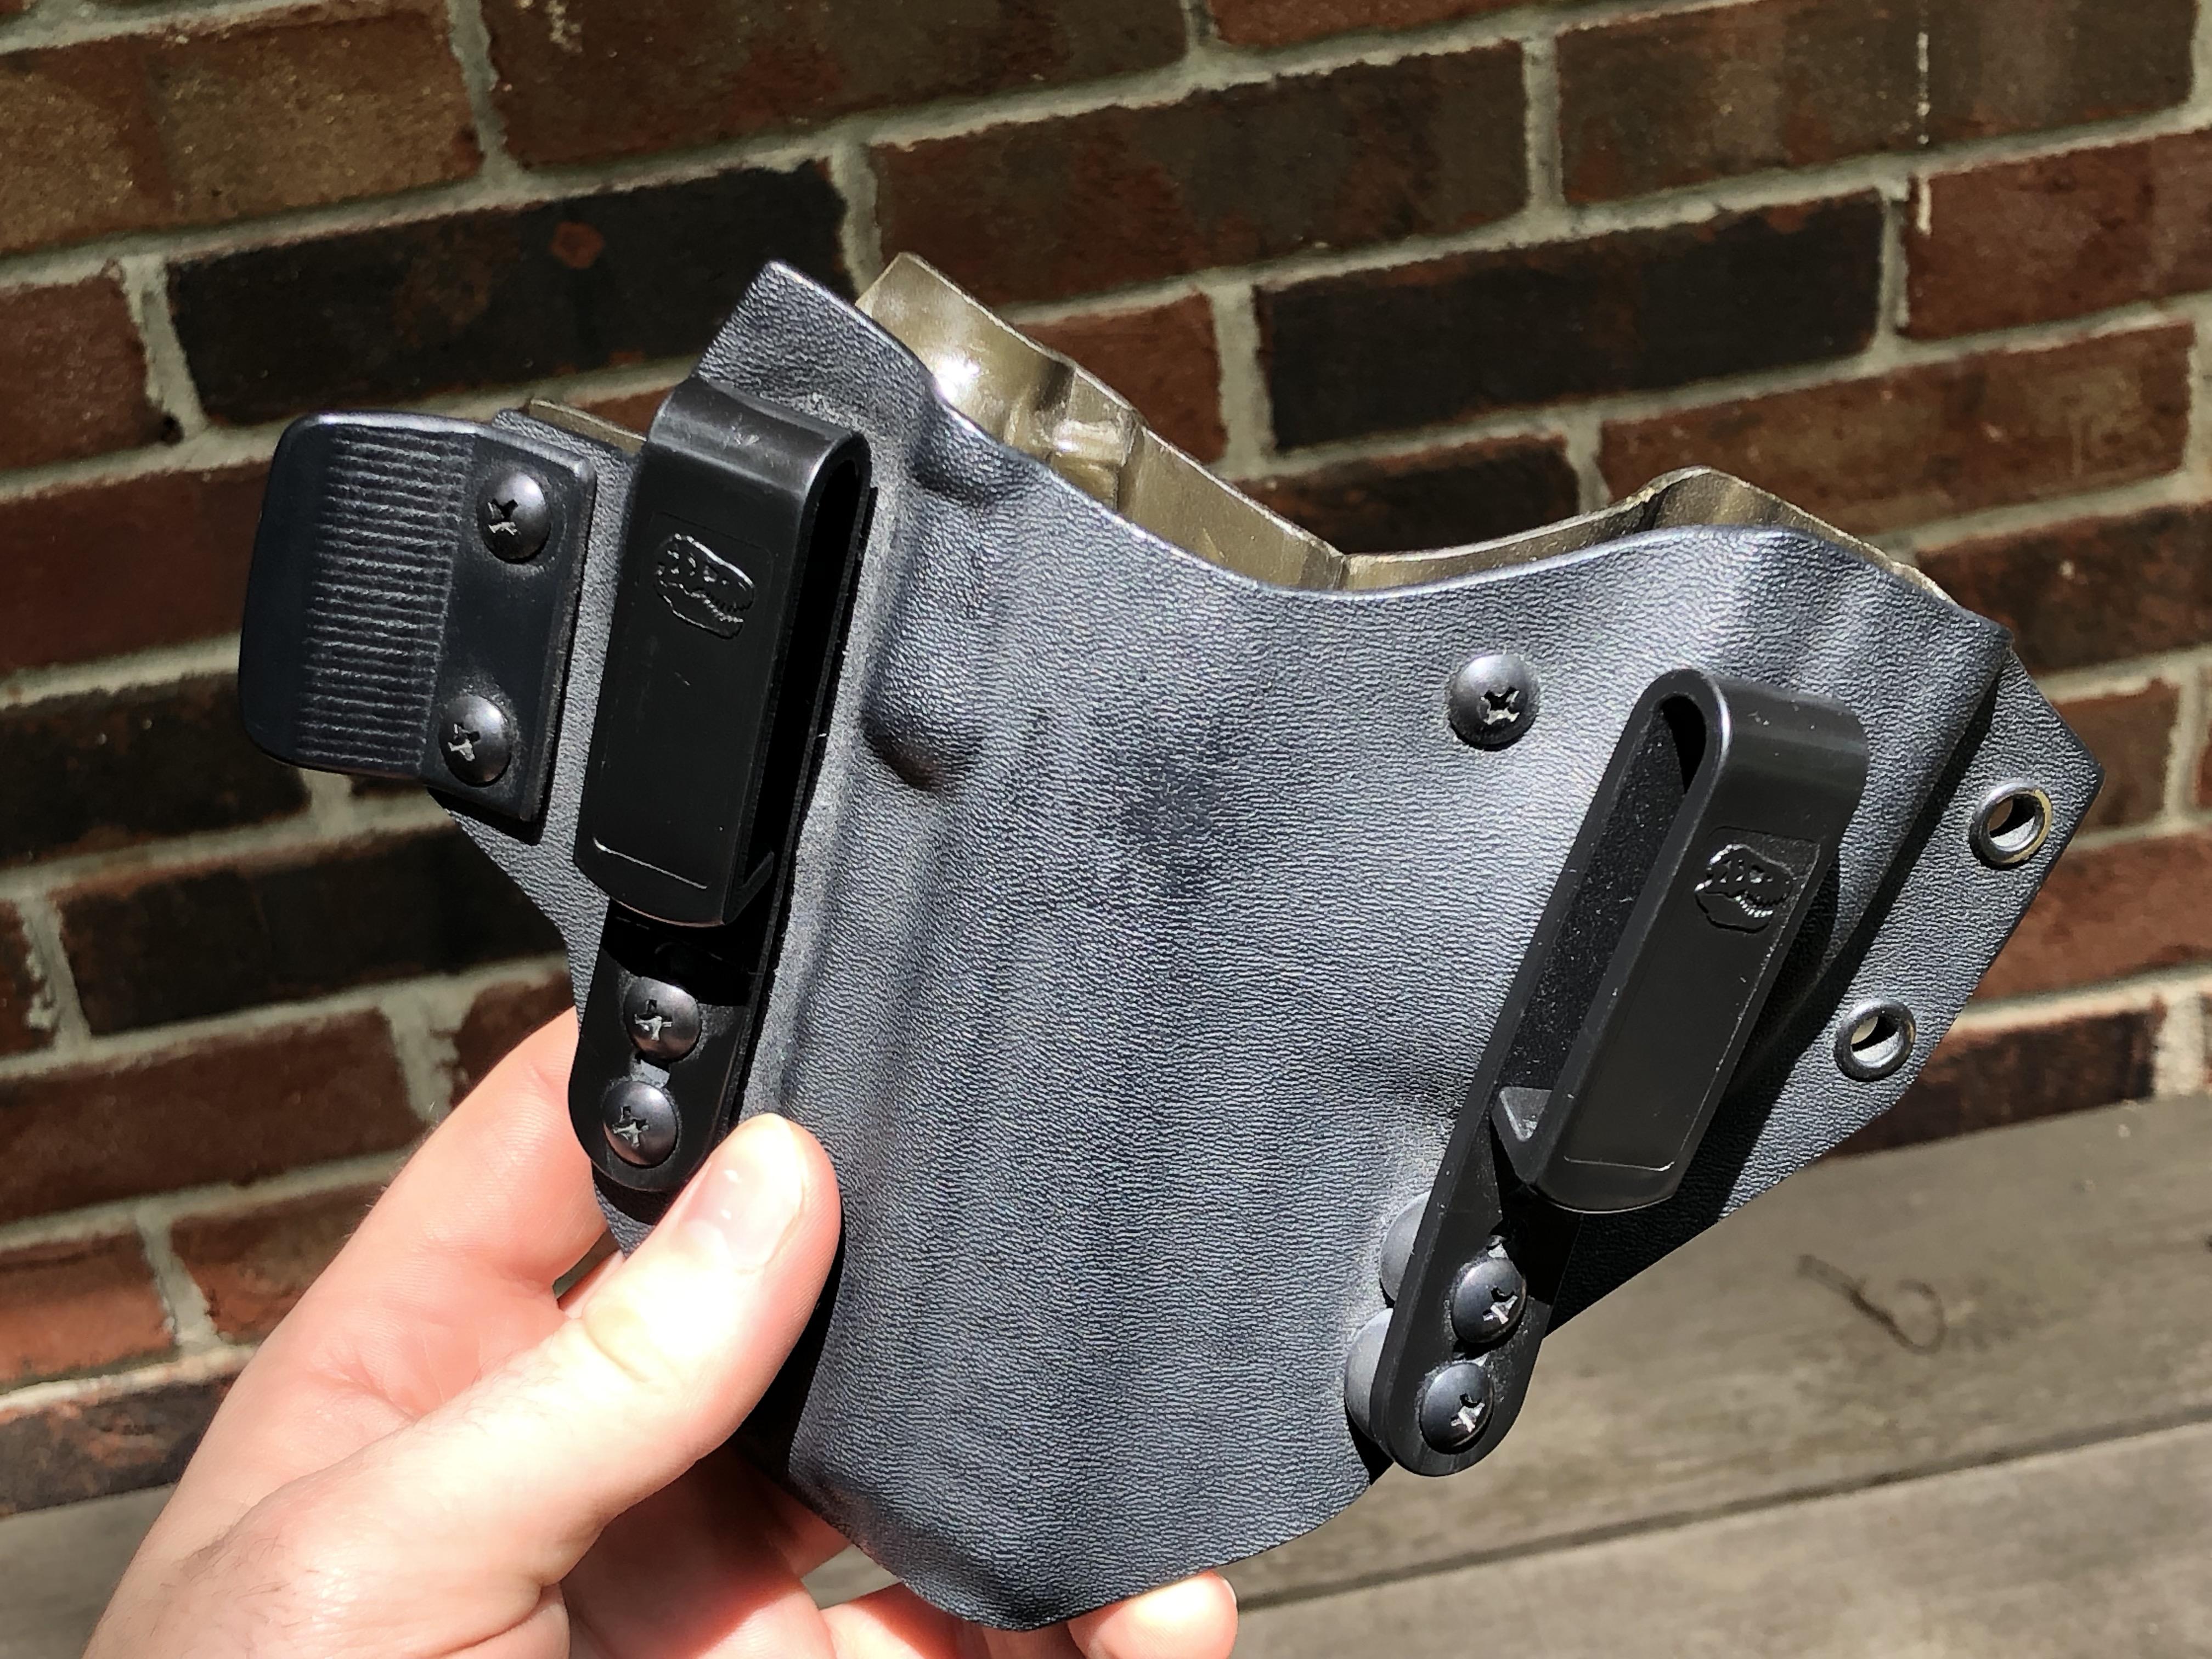 WTS - Like new T-Rex Arms Sidecar P30L appendix holster-p6ryhav6rkstq51ntgrgkg.jpg